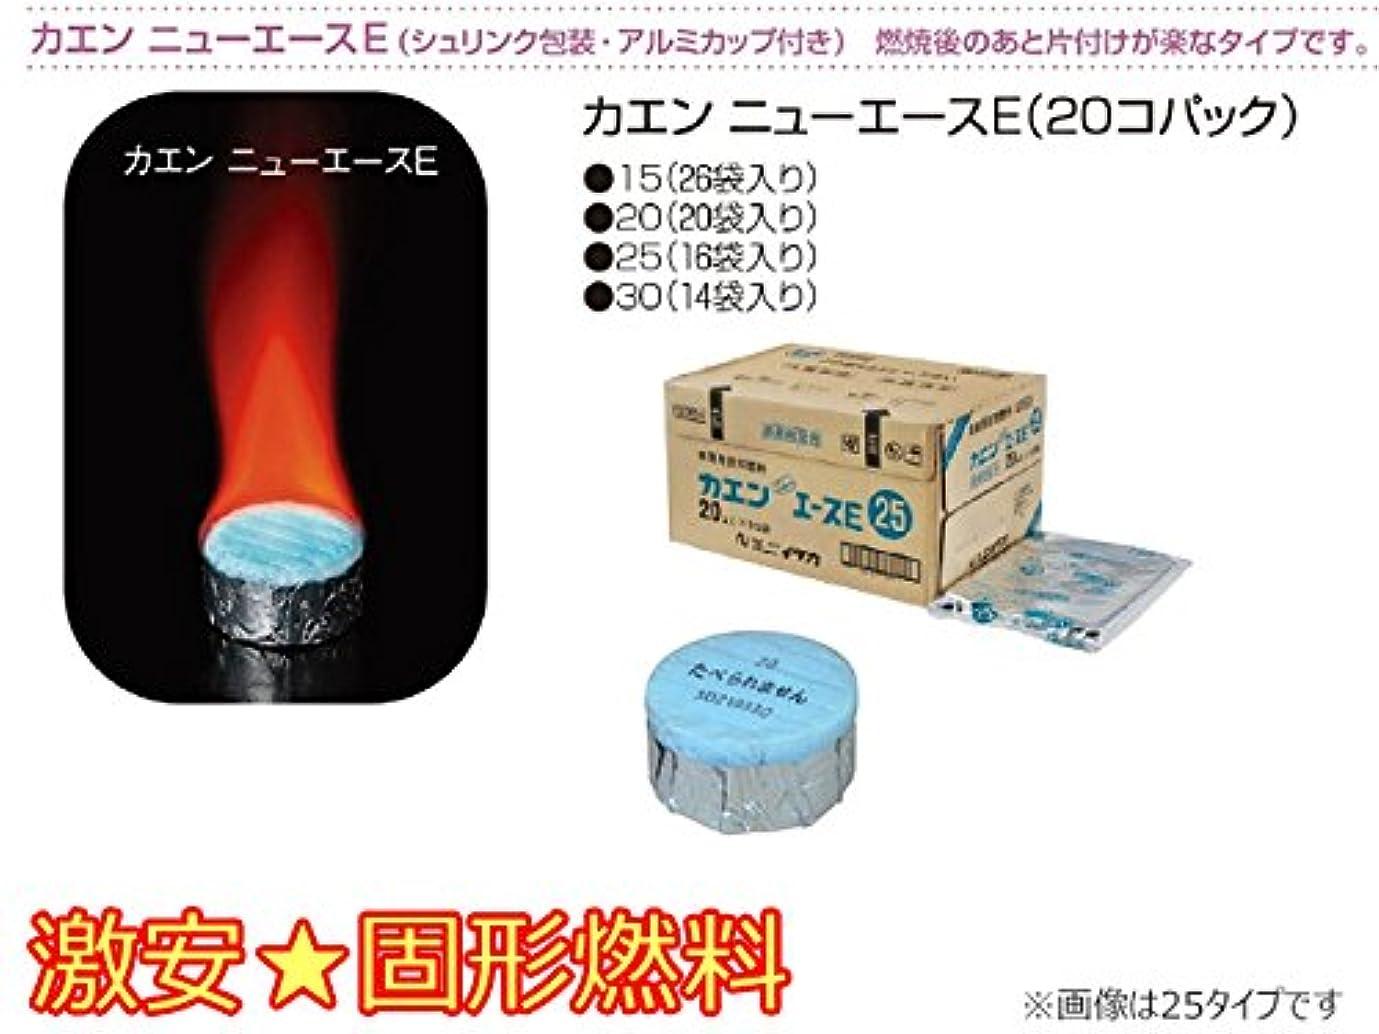 める求人が欲しい固形燃料 ニイタカ カエンニューエースE25 320個(20個X16P)